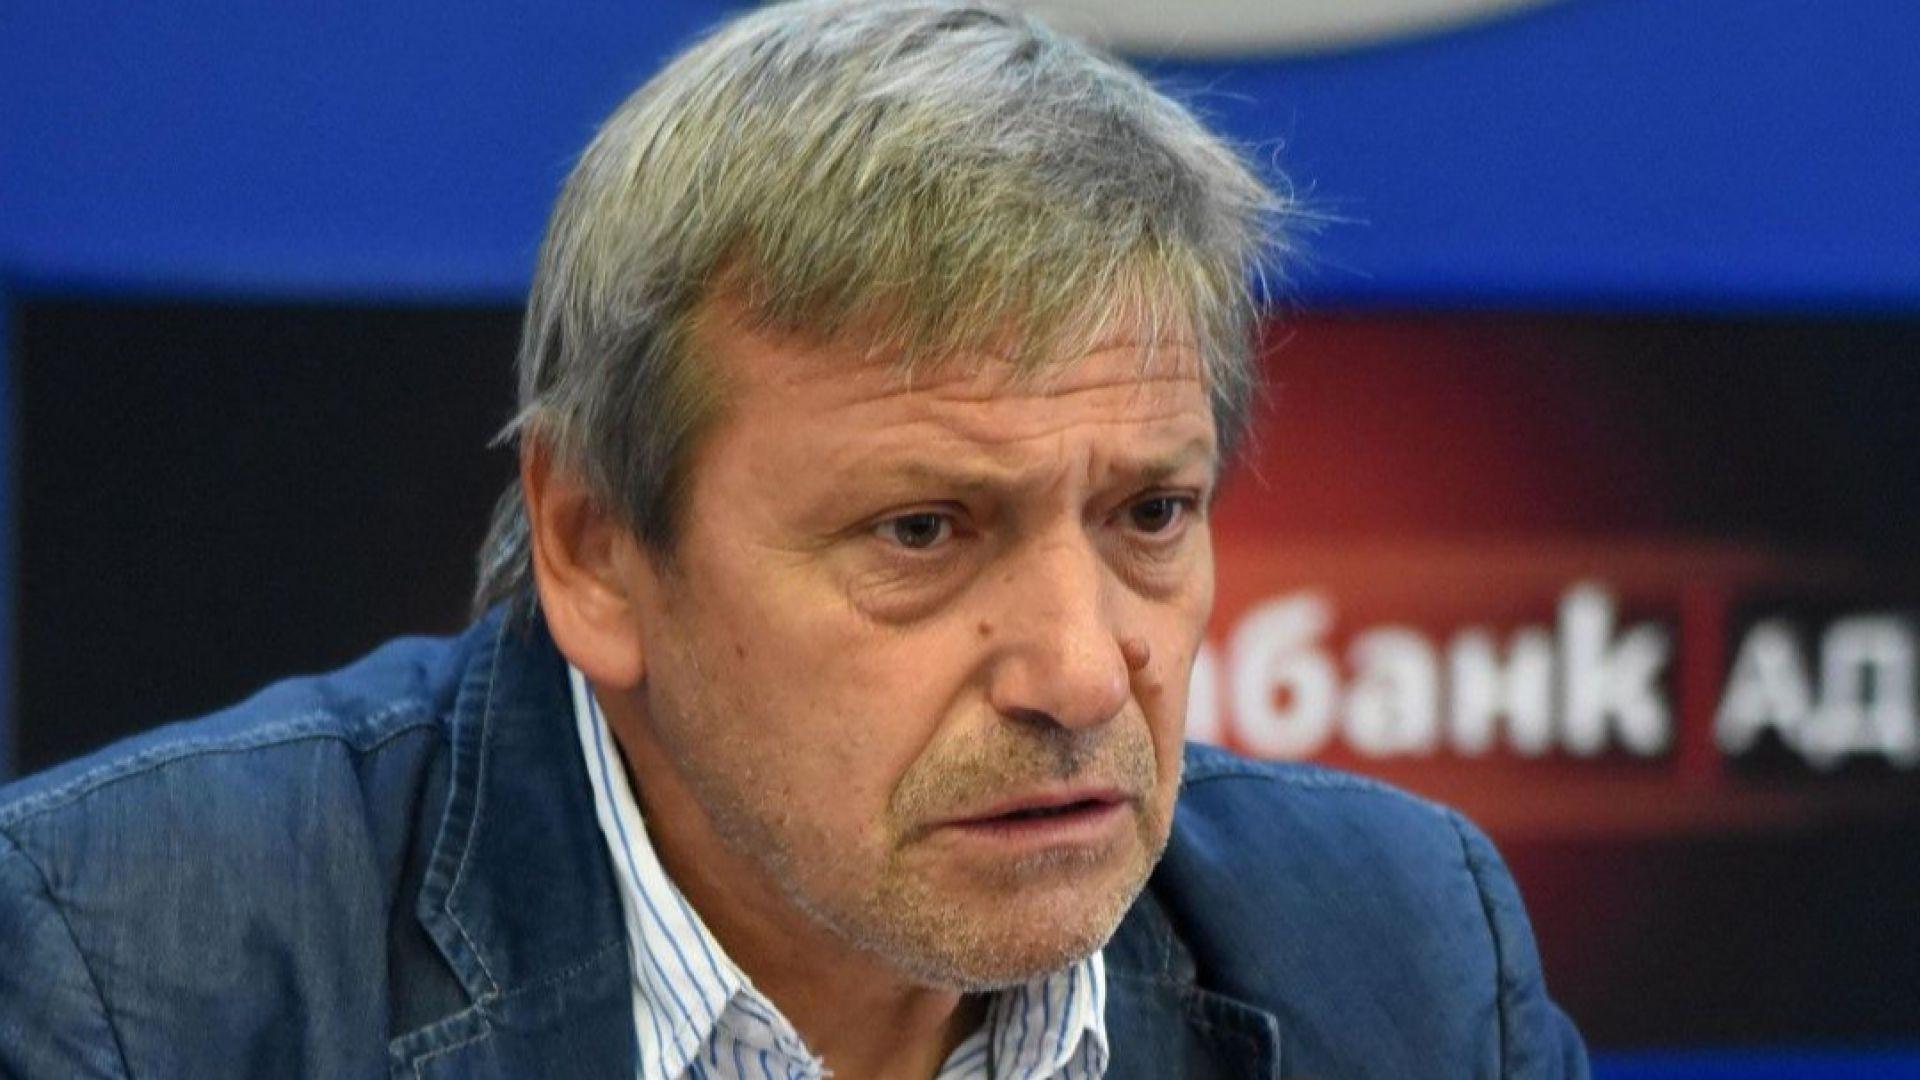 Красен Станчев: С влизането в еврозоната ще има по-лесен достъп до кредитен ресурс